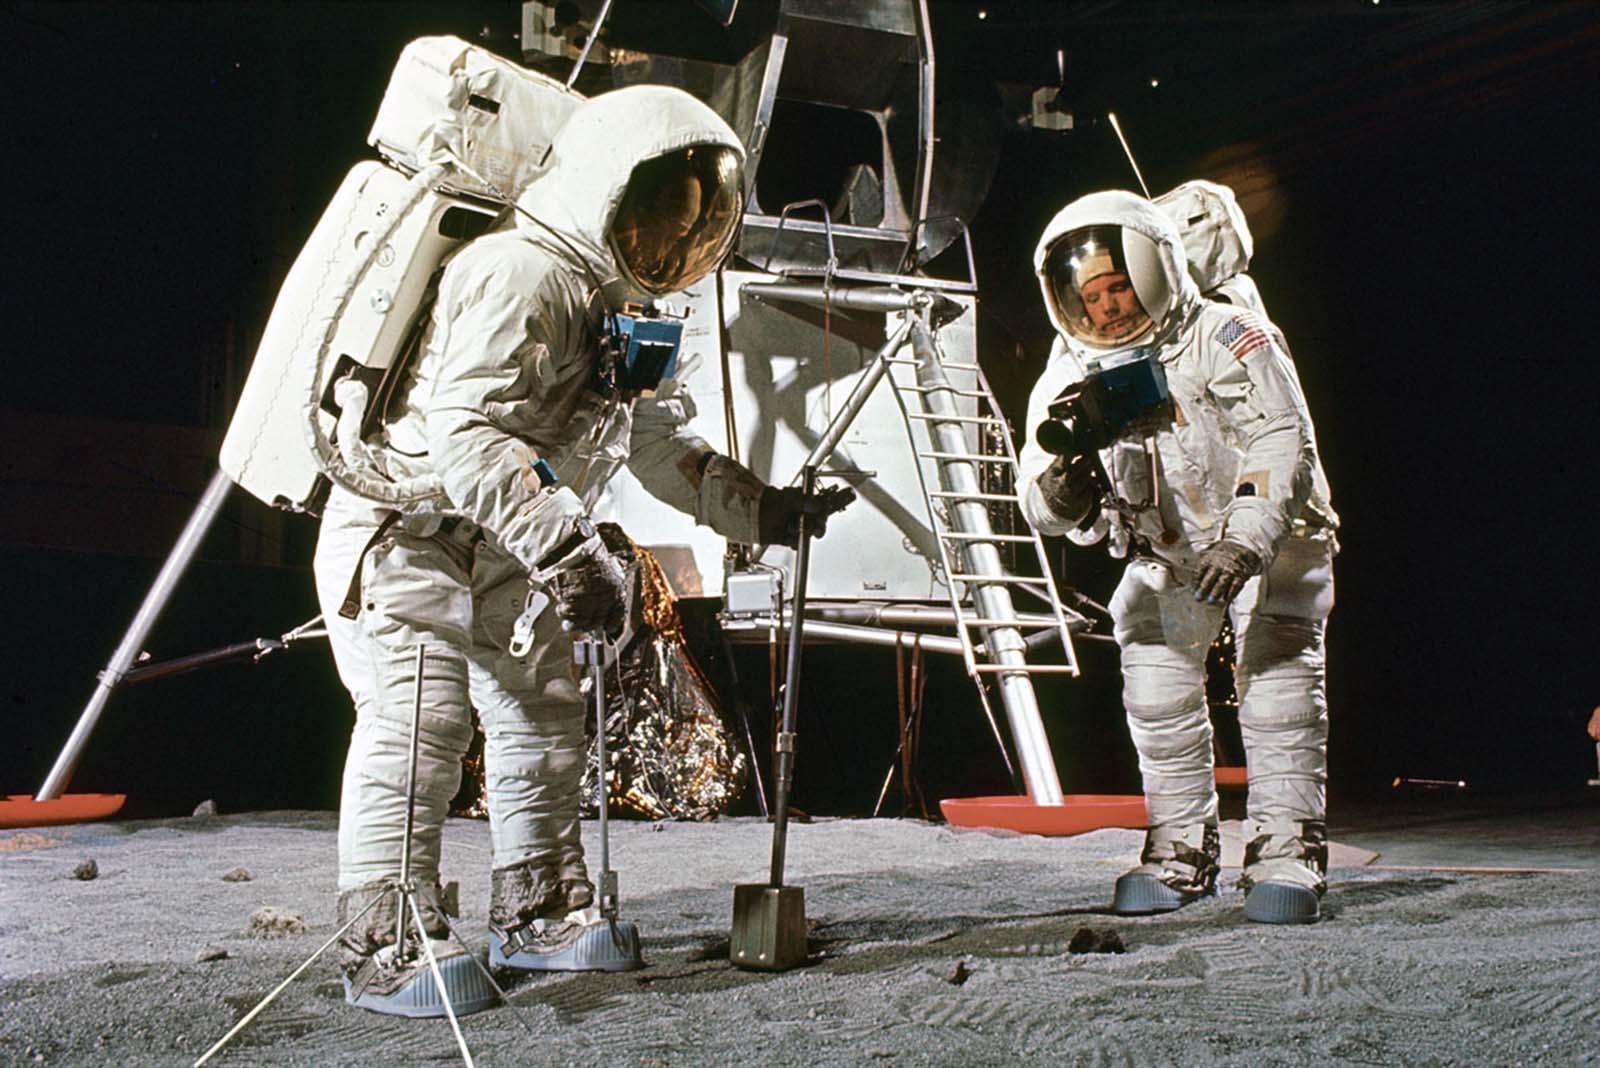 Apollo 11 preparation%2B%252821%2529 - Fotos raras da preparação de Neil Armstrong antes de ir a Lua